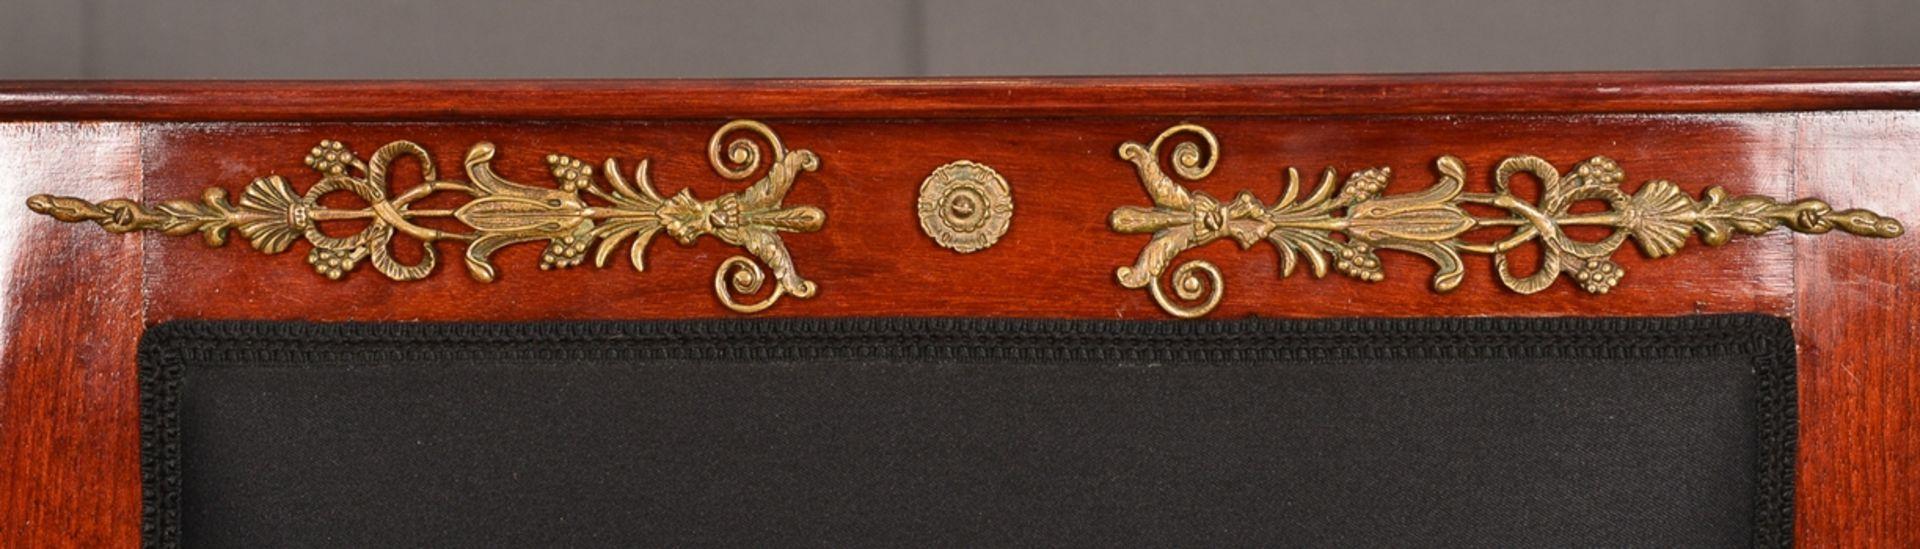 Paar Armlehnstühle. Empire-Stil, Mahagoni, aufwändig mit Messingapplikationen verziert. Vor - Bild 3 aus 9